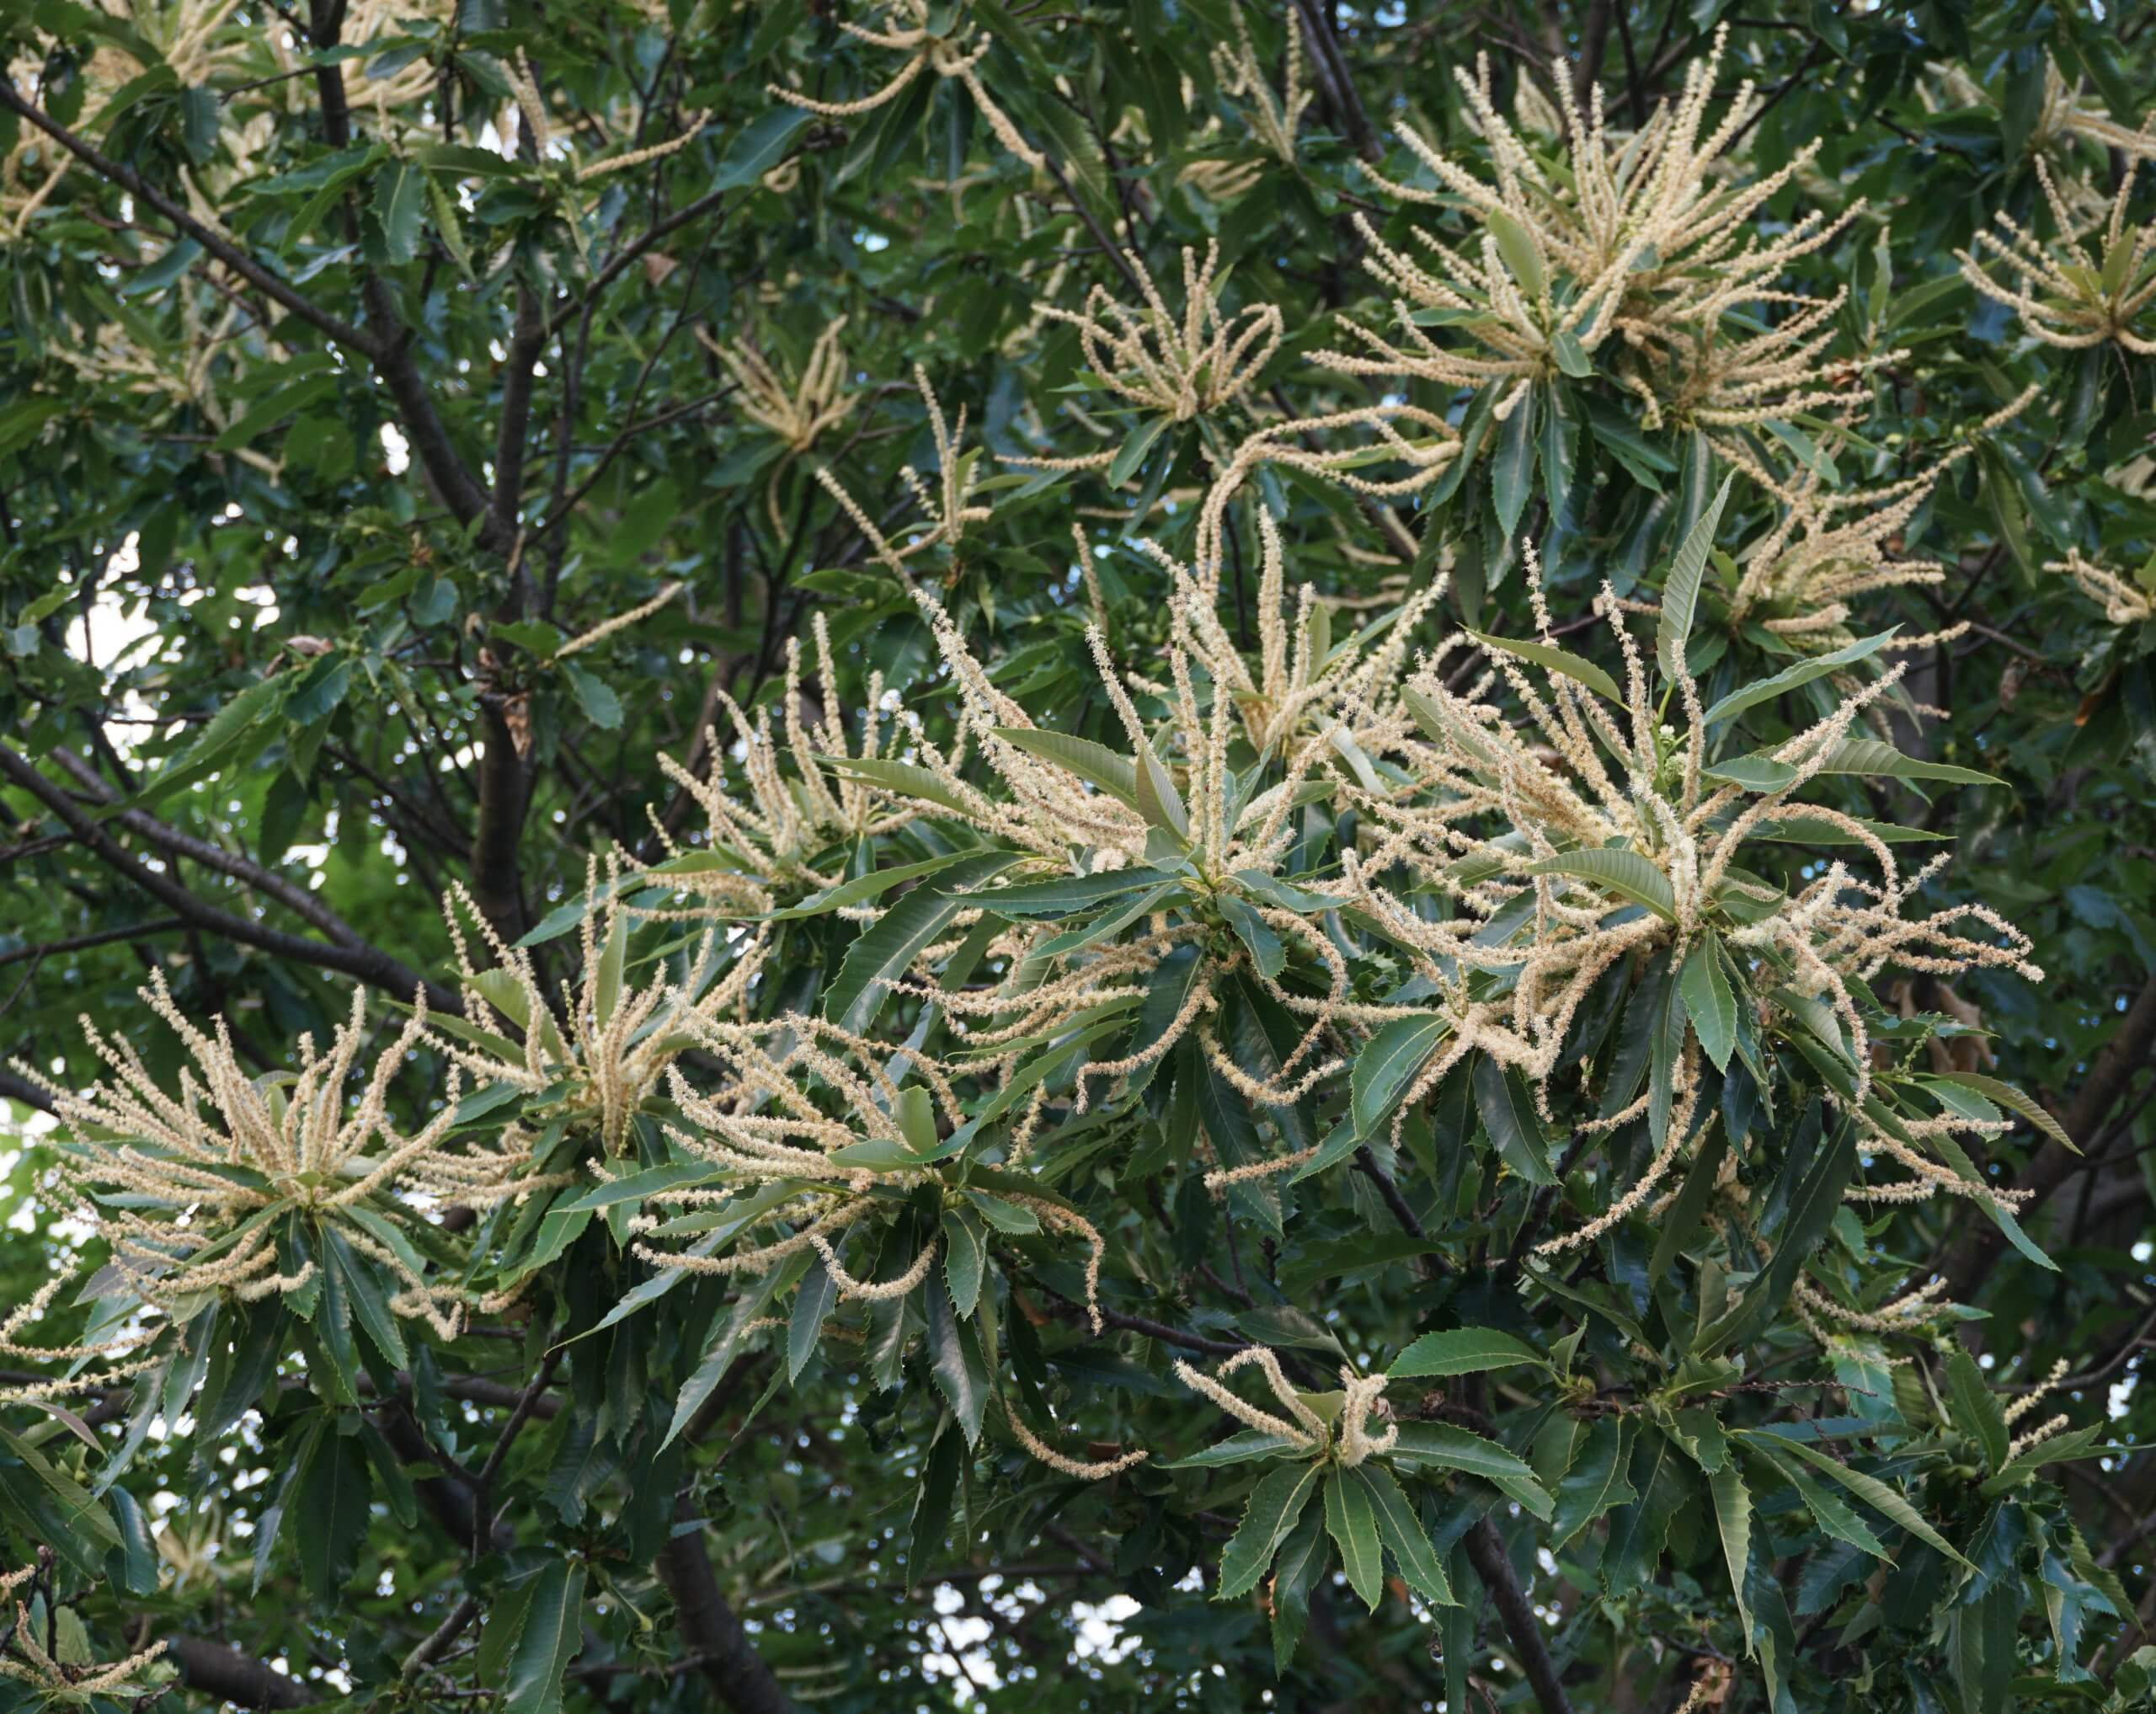 Das Bild zeigt die langen männlichen Blütenkätzchen im abgeblühtem Zustand an einer Edel-Kastanie in Marzahn-Hellersdorf. Die weiß-grünlichen bis hellbraunen Blütenstände, die strahlig an den Ast-Enden auseinanderstreben, geben dem Baum zur Blütezeit ein sehr dekoratives Aussehen.